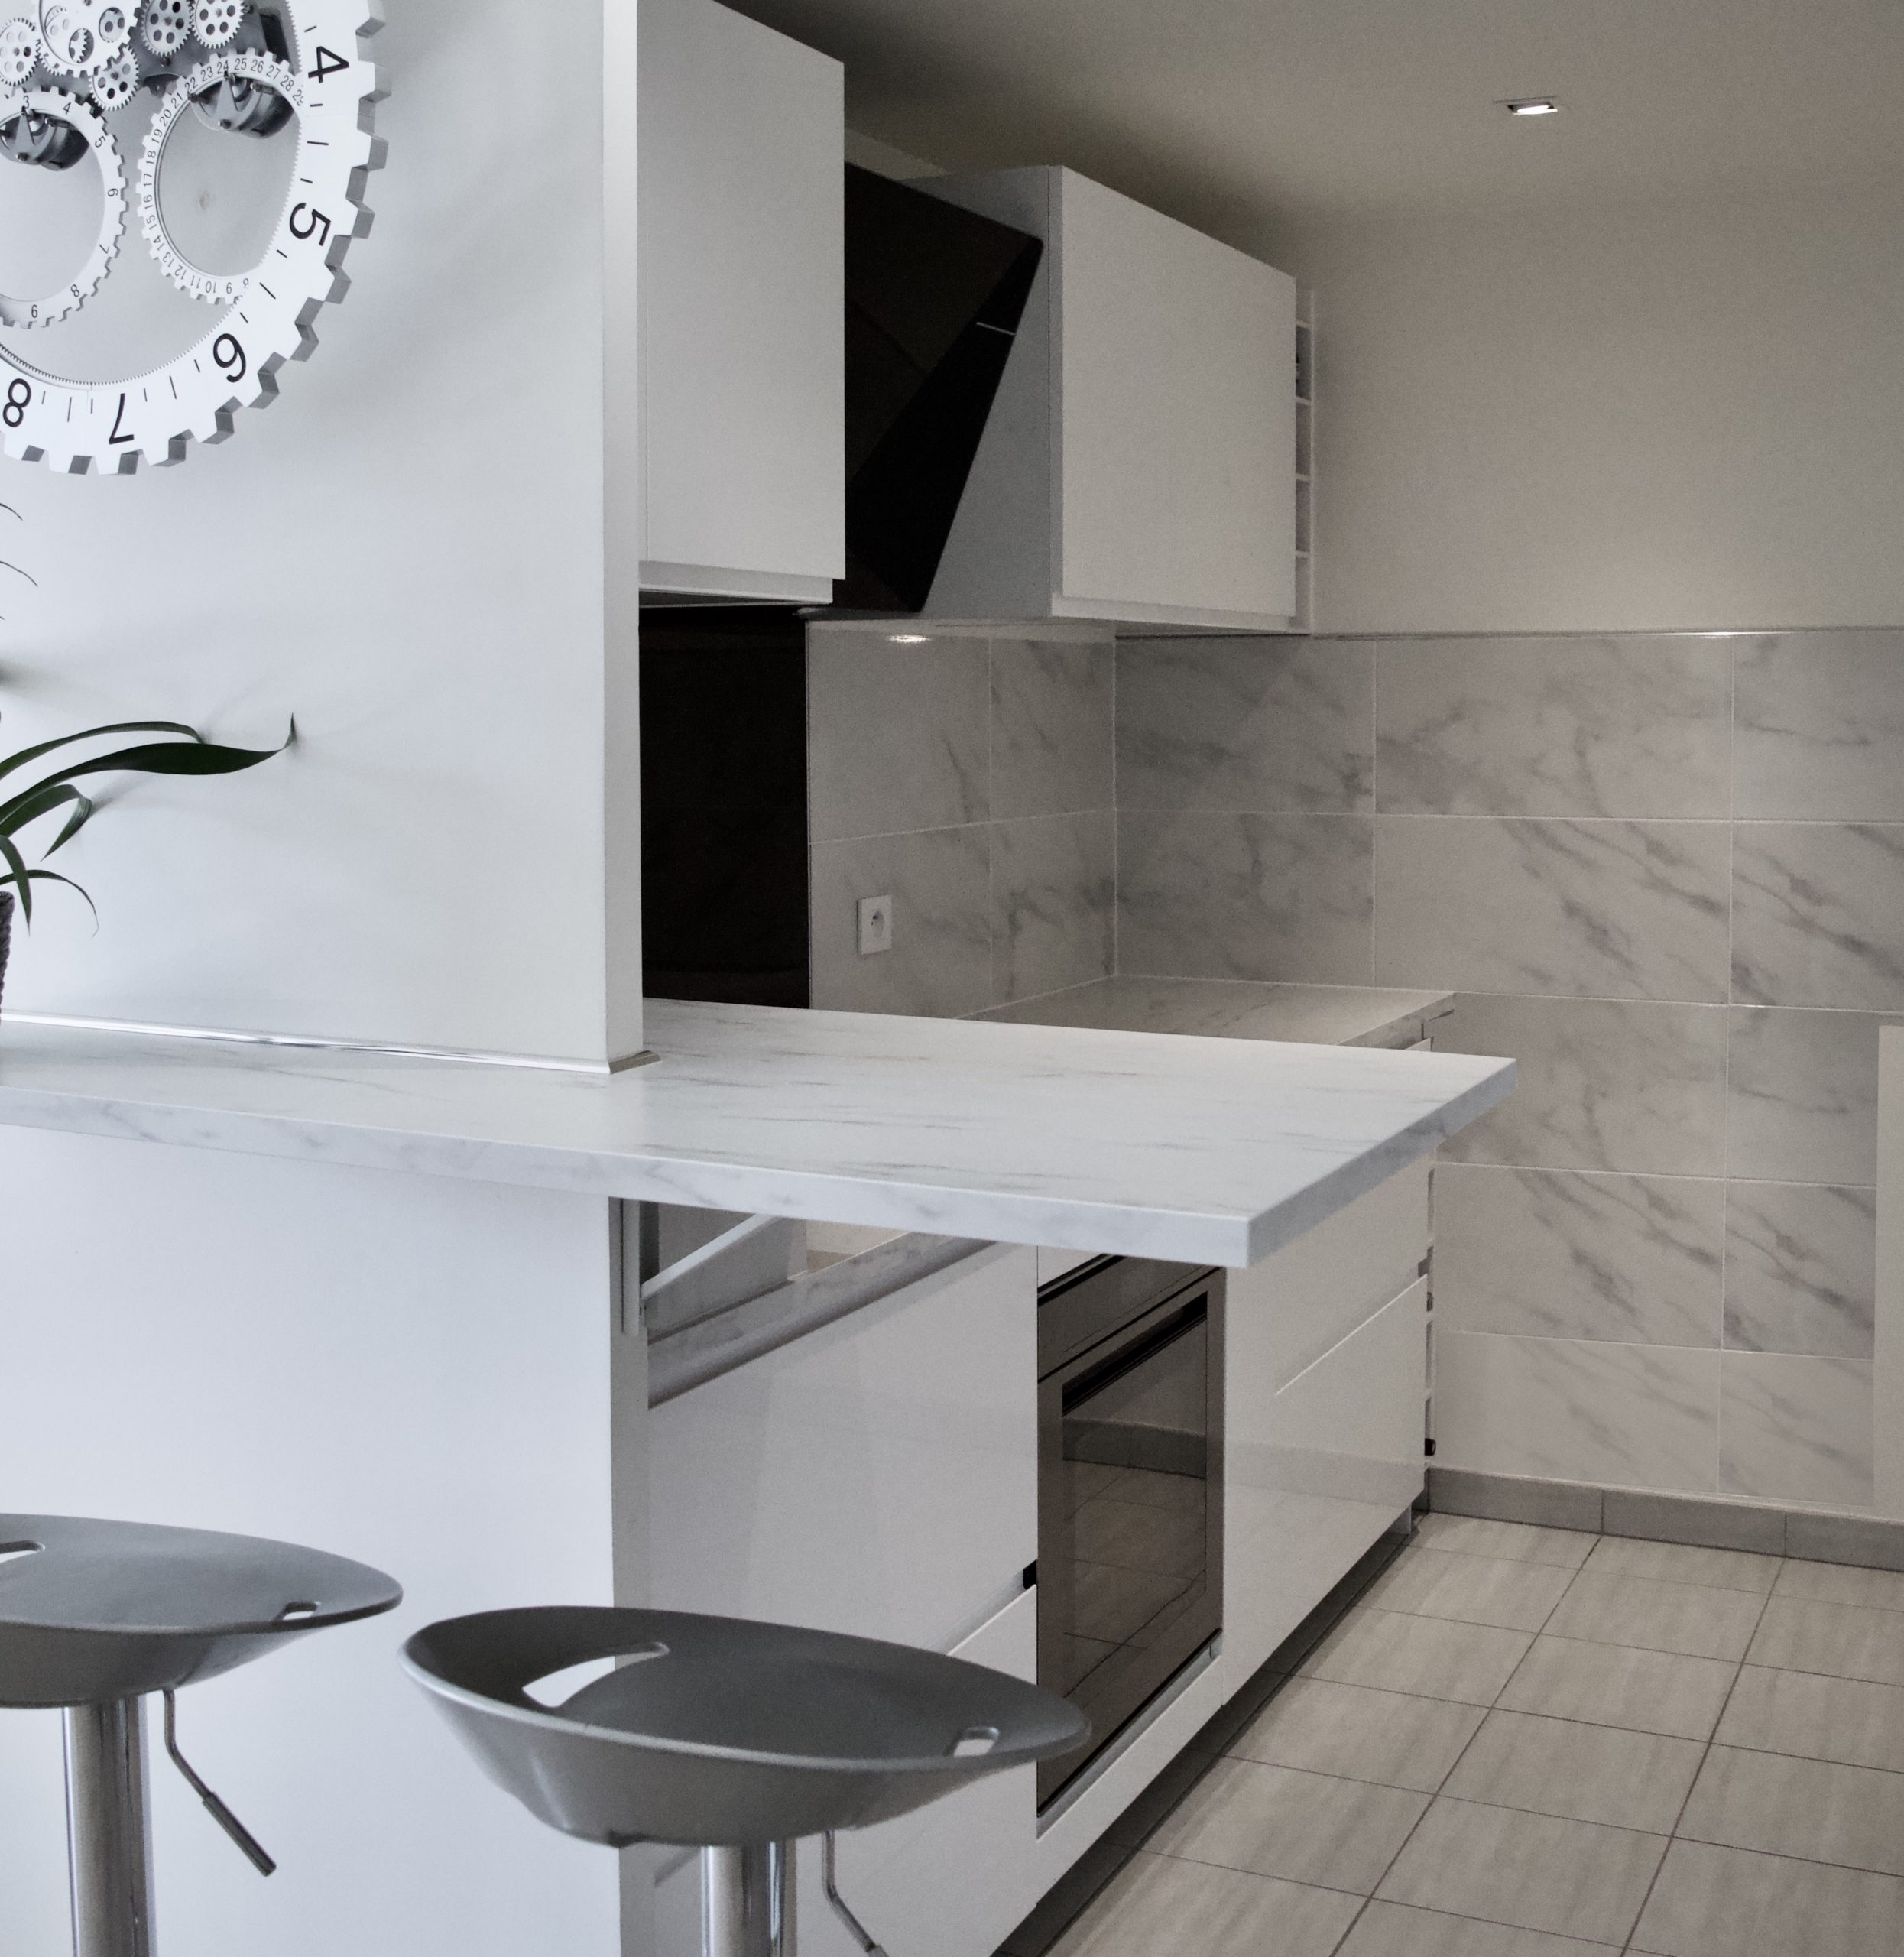 Aménagement d'une petite cuisine par MH DECO dans le 20e arrondissement de Paris